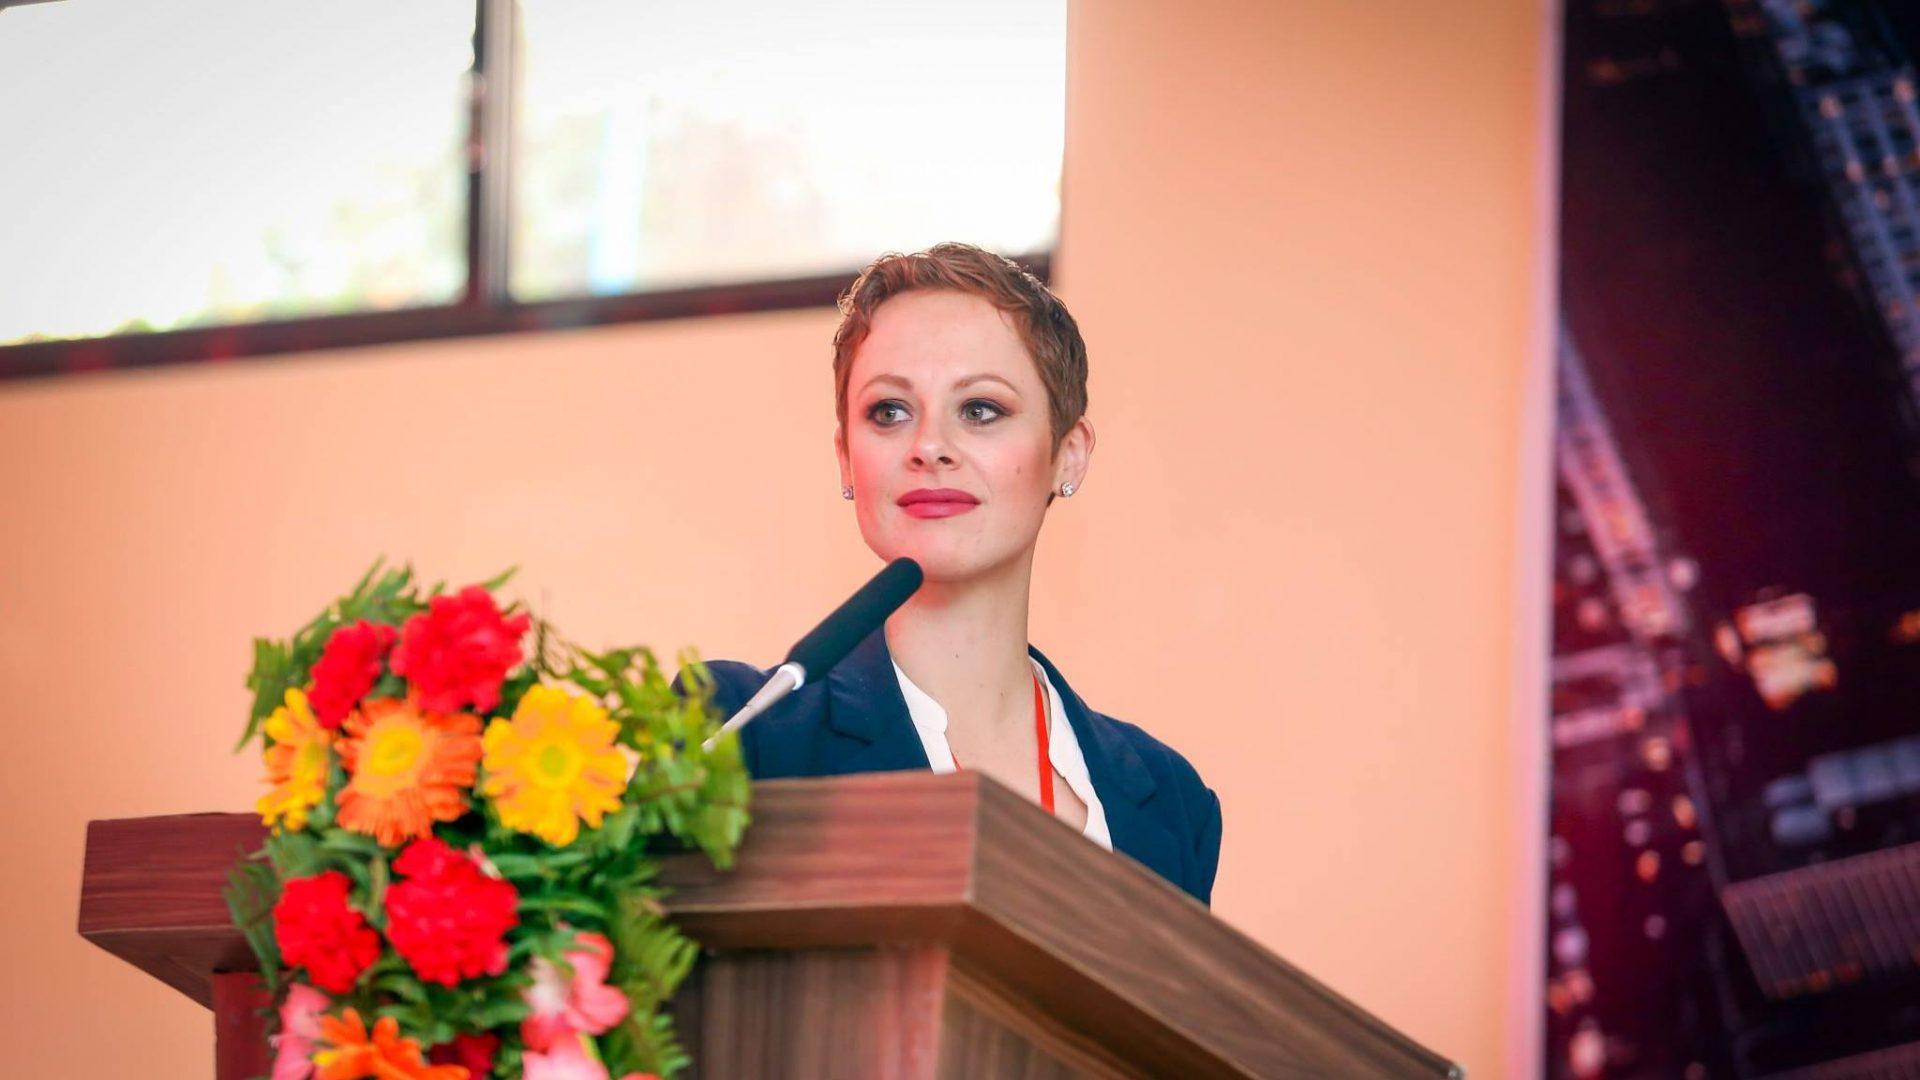 Michelle Welsch